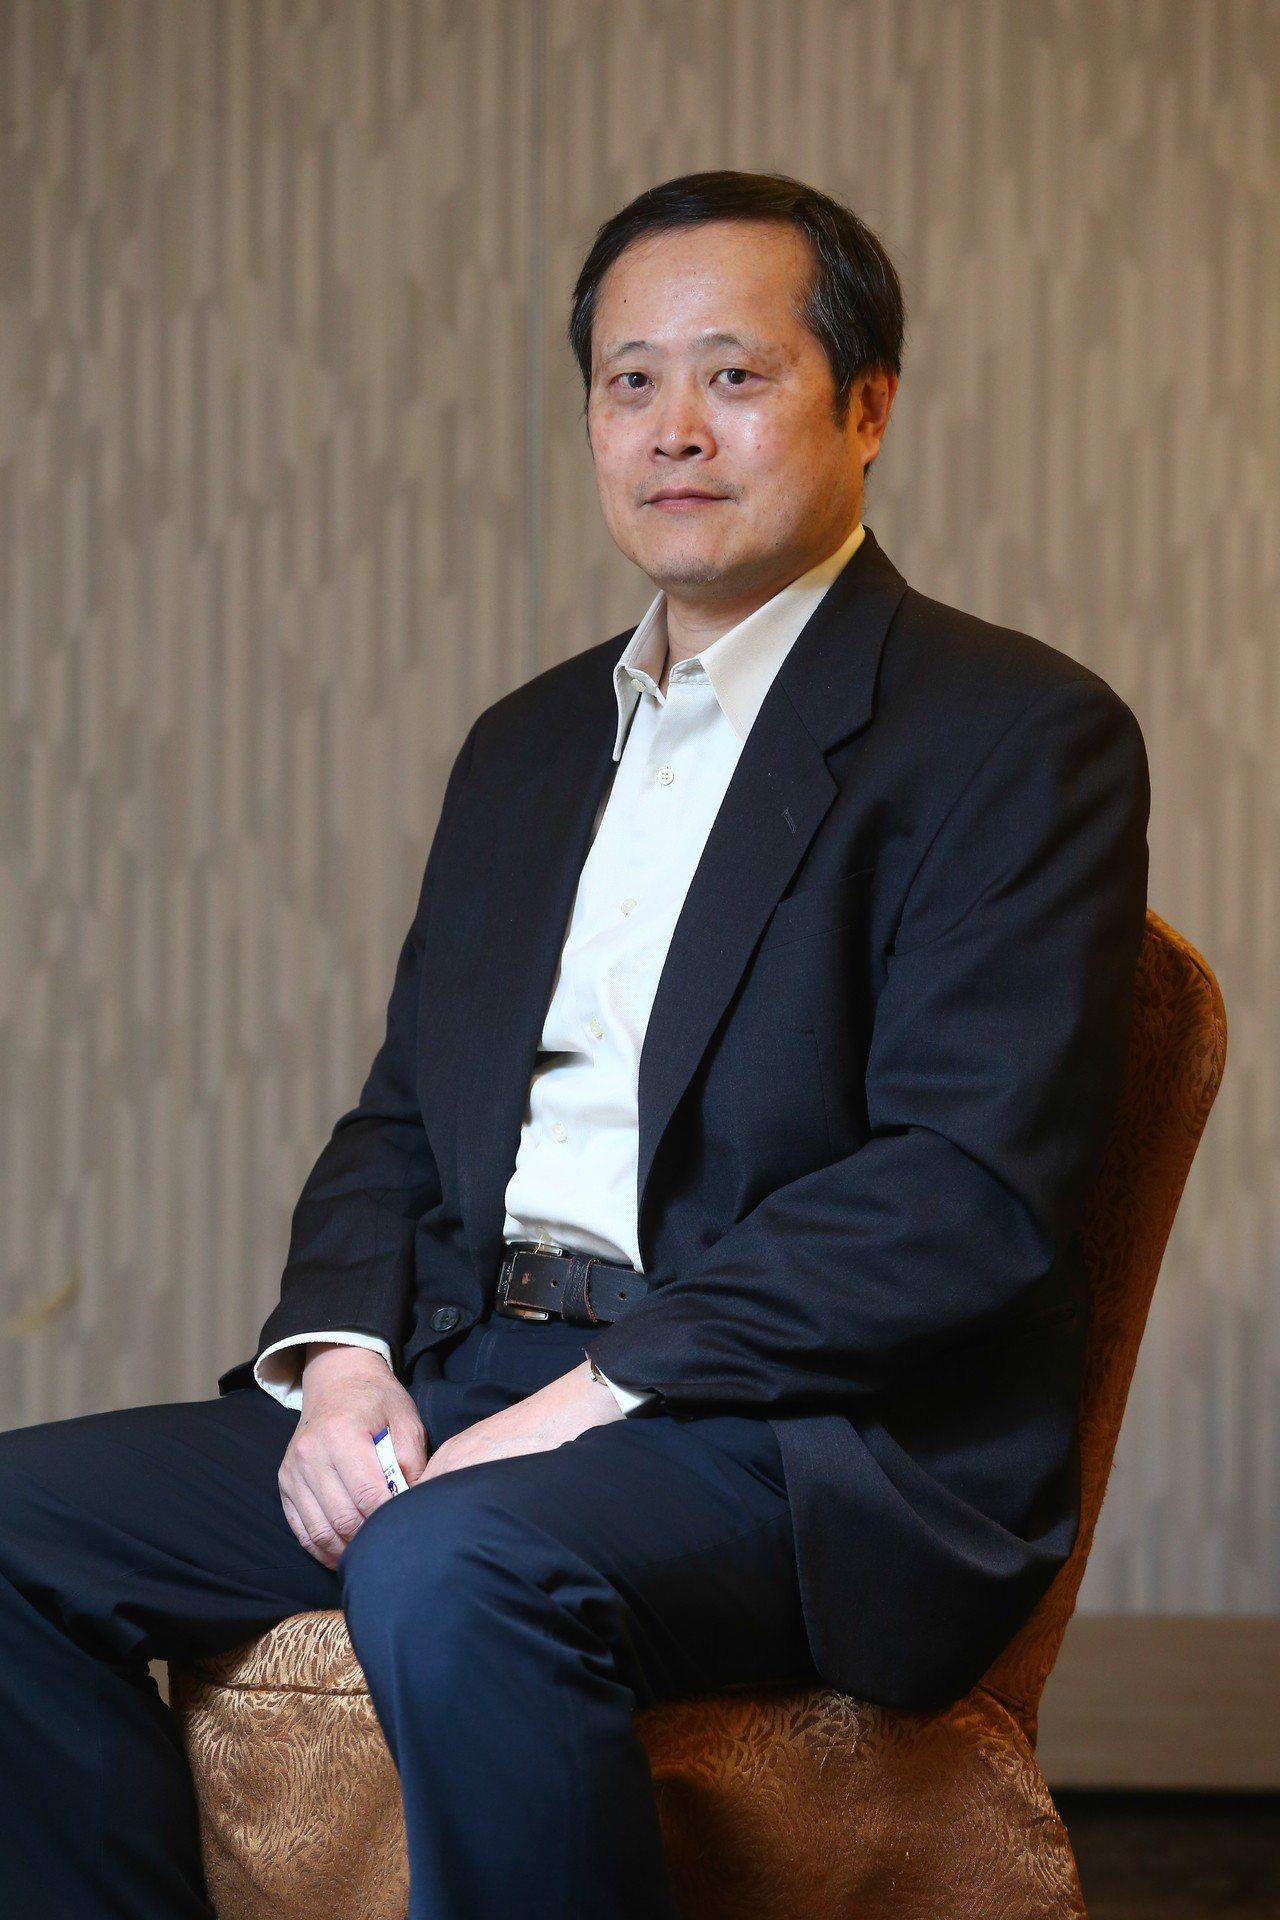 國衛院癌症研究所所長陳立宗。記者葉信菉/攝影